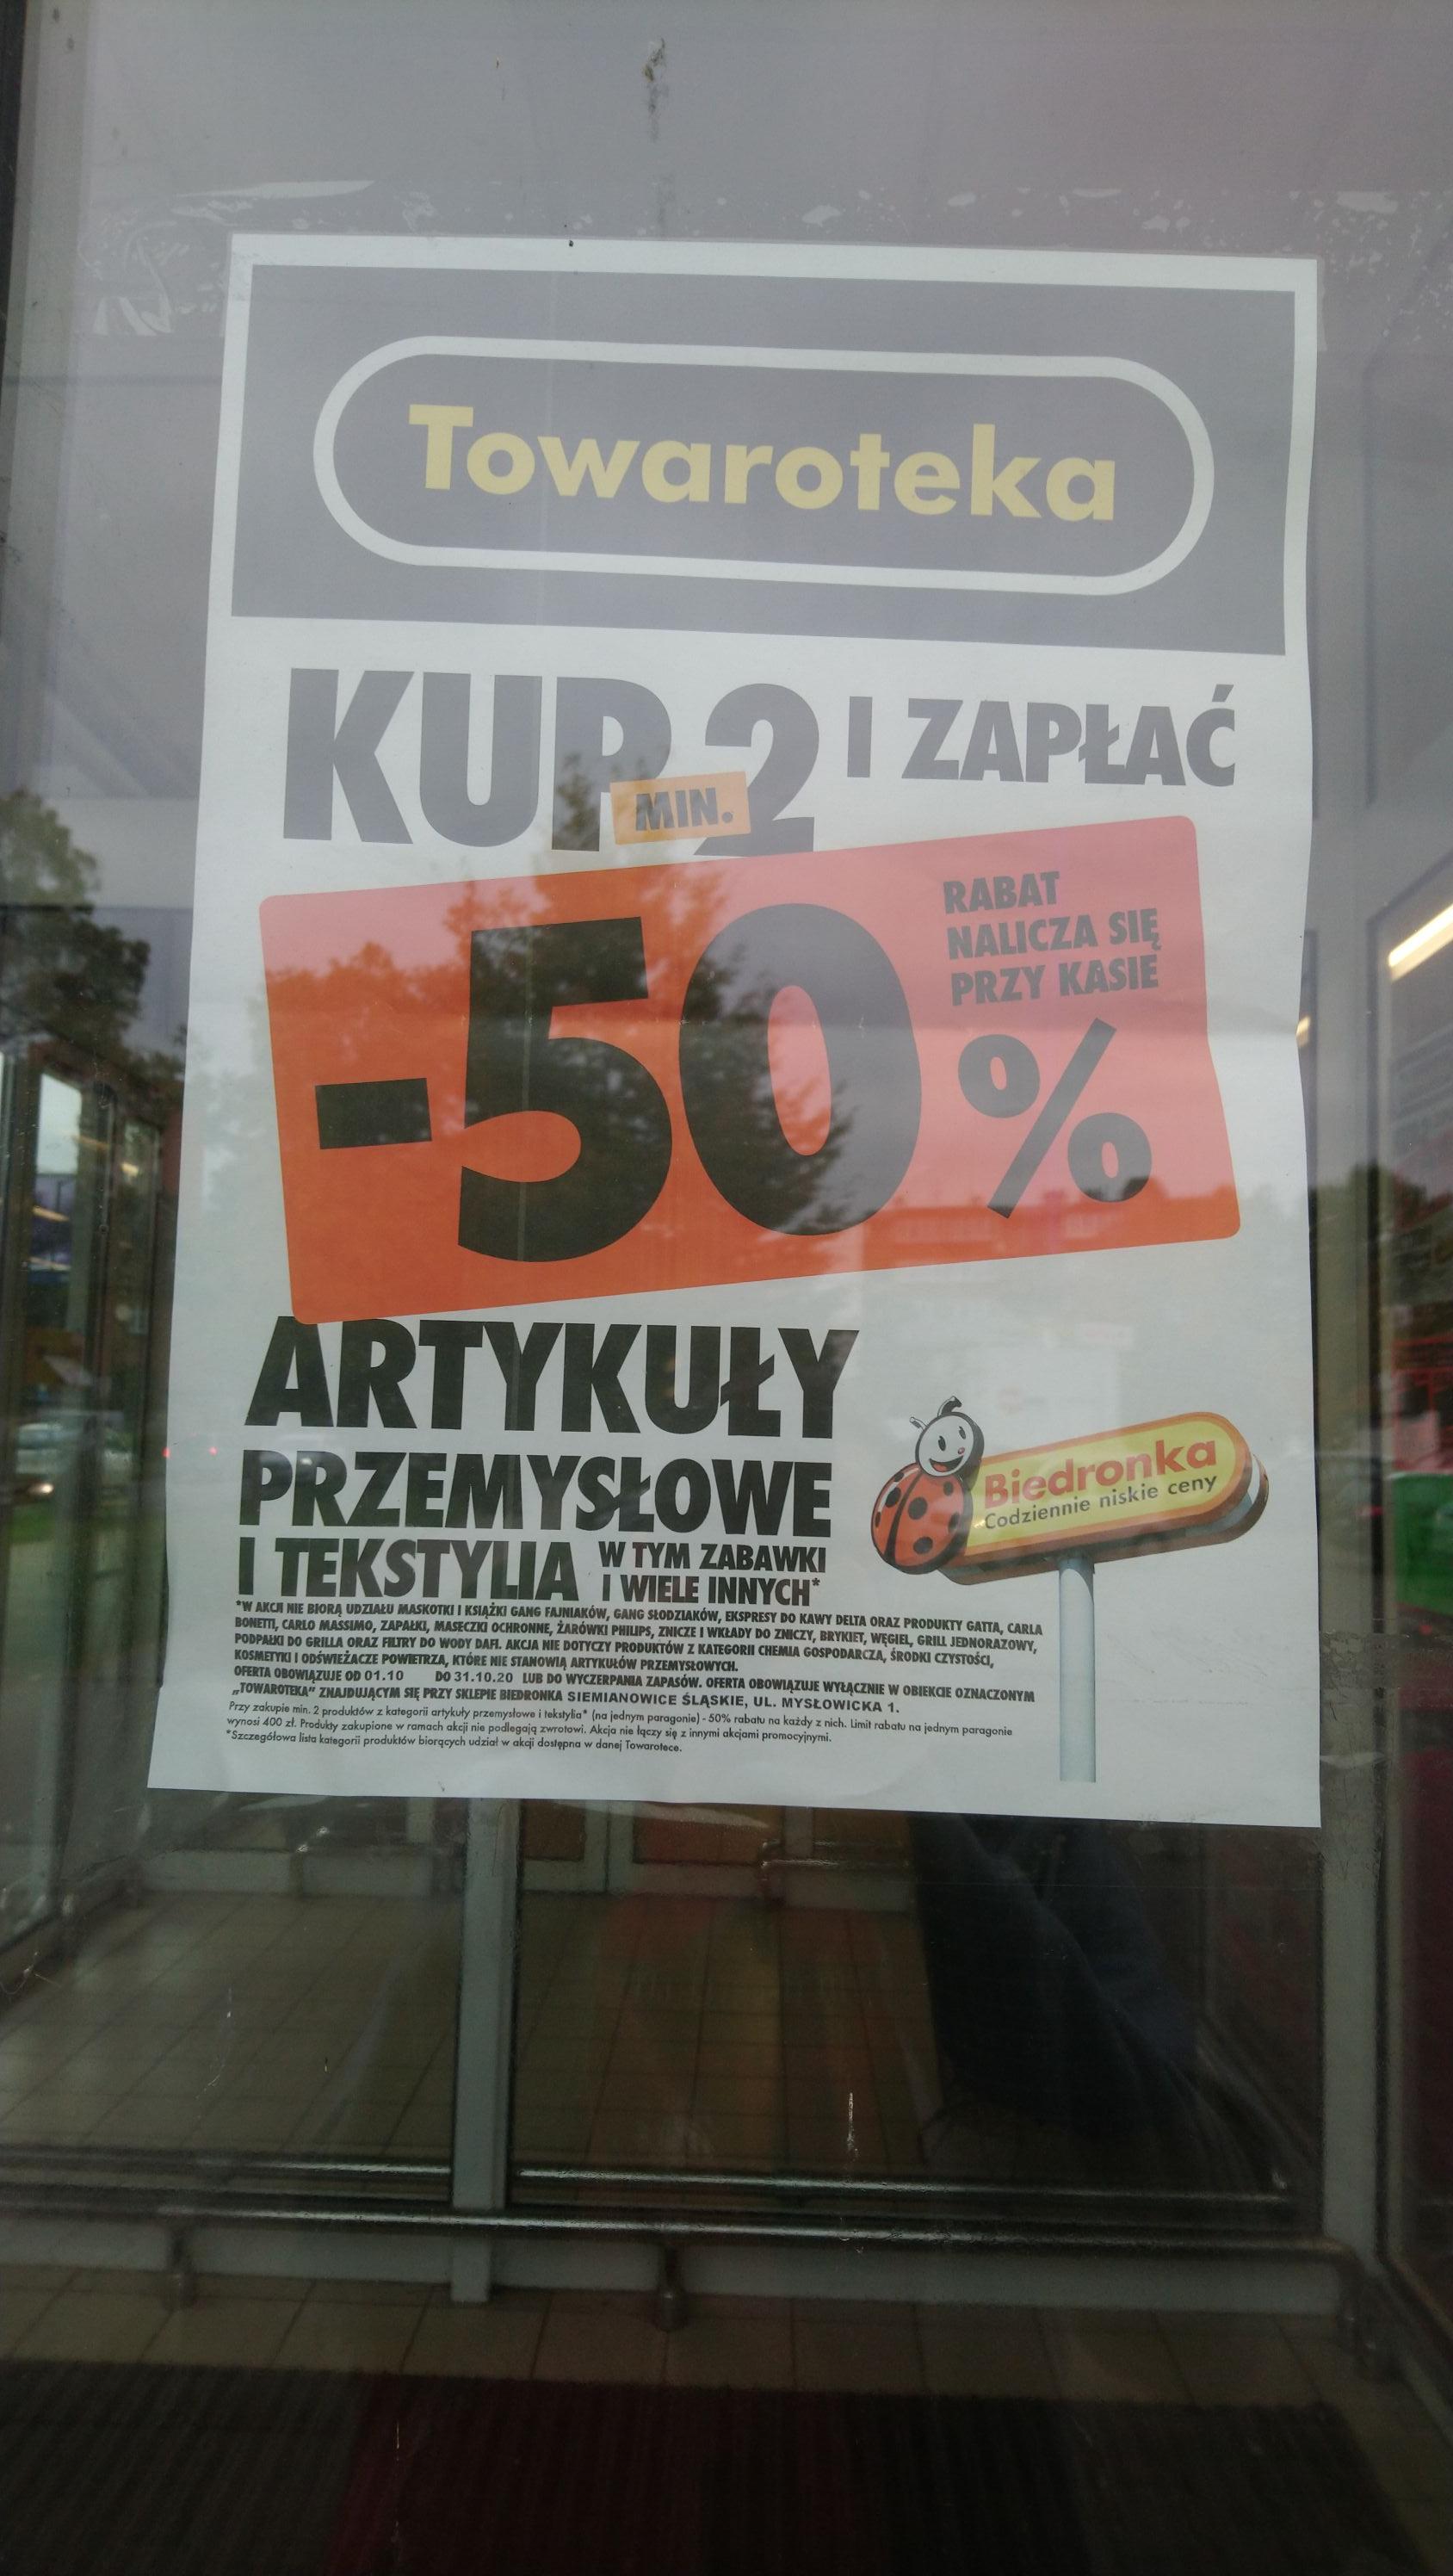 Kup 2 i zapłać -50 % mniej na każdy artykuł przemysłowy, tekstylia, zabawki i wiele innych, Biedronka Towaroteka Siemianowice Mysłowicka 1